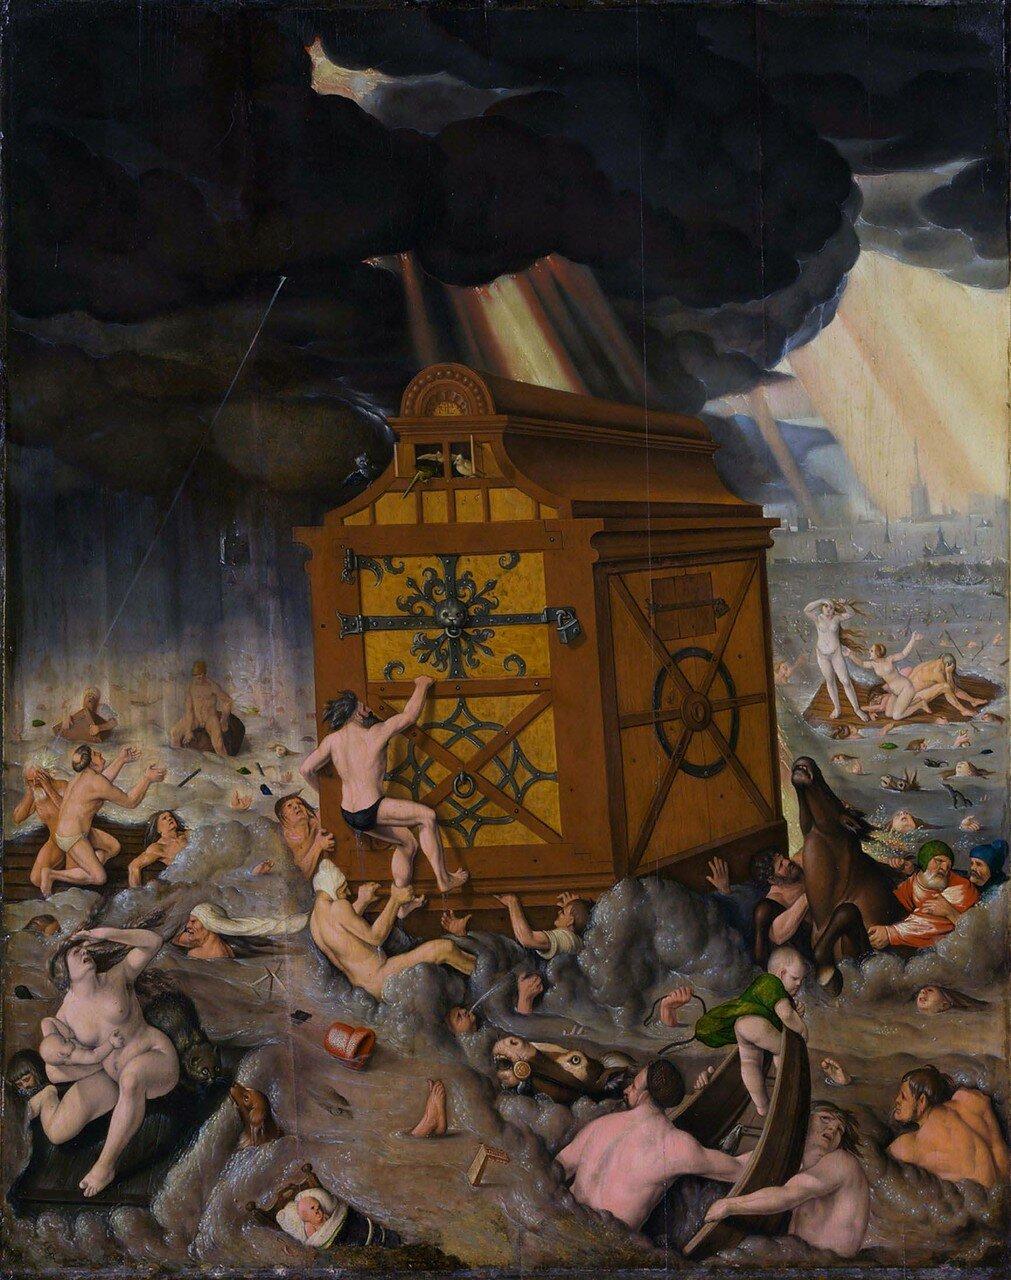 The flood, by Hans Baldung